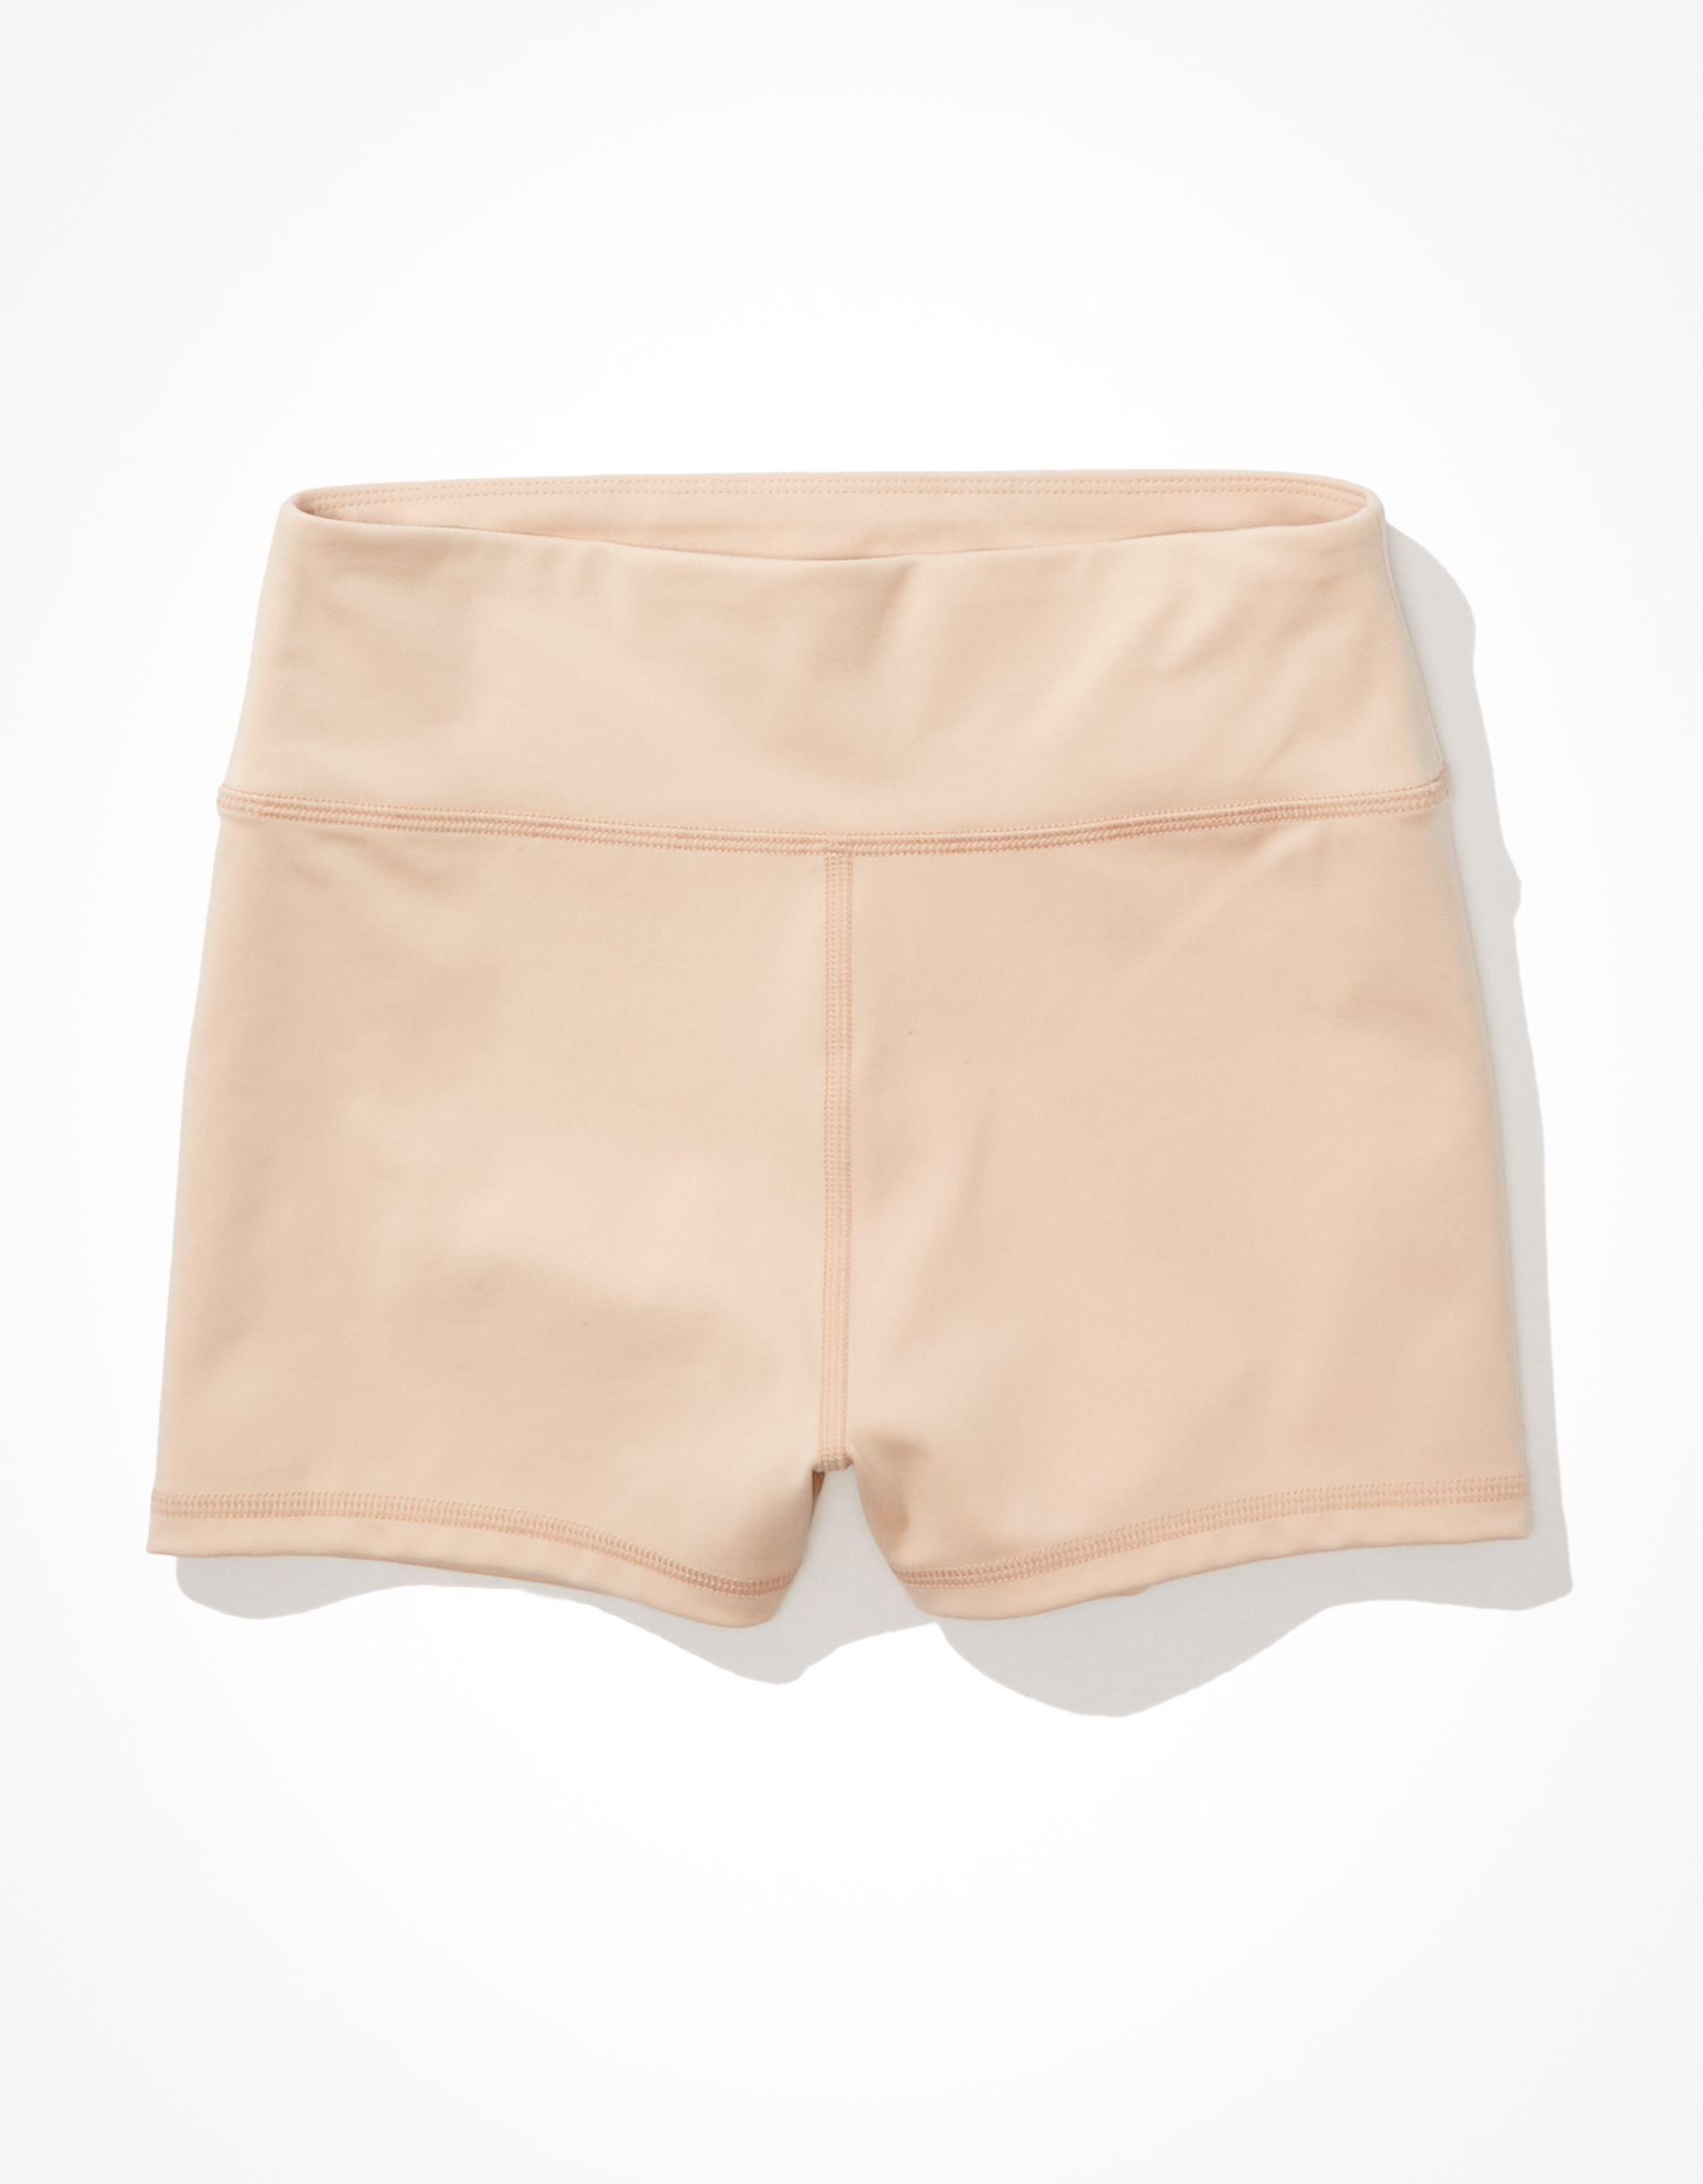 Shorts starting at .98 at American Eagle + Free shipping at 75!